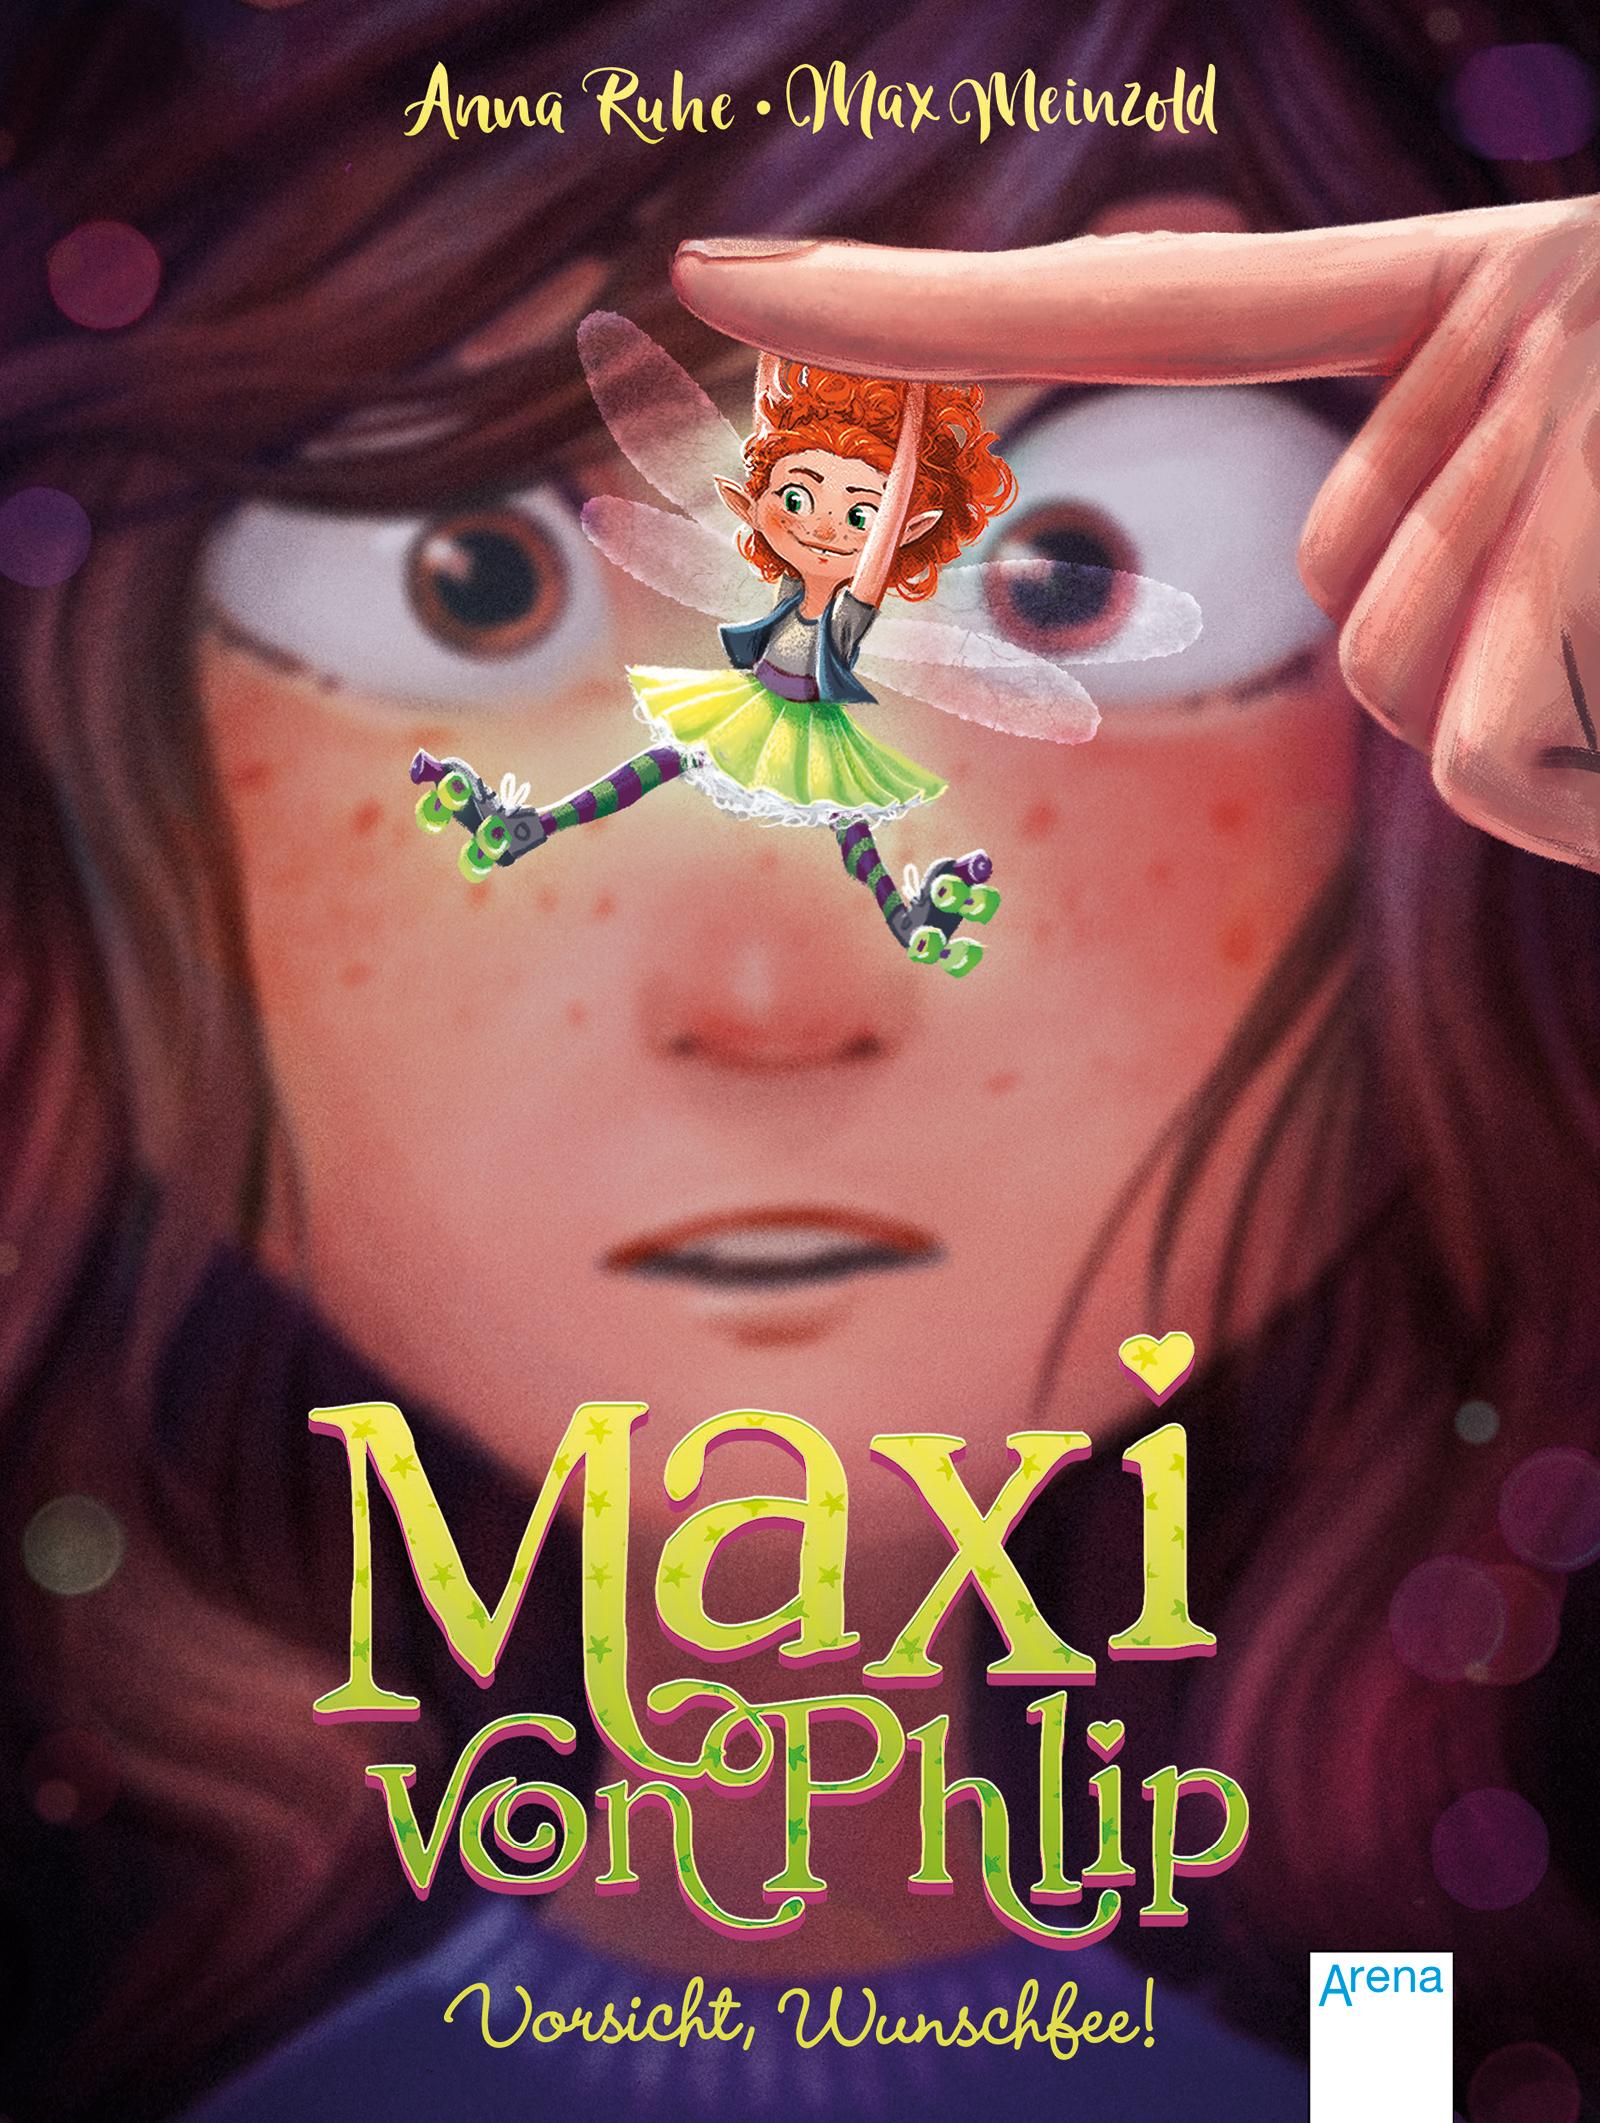 Maxi von Phlip – Vorsicht, Wunschfee!